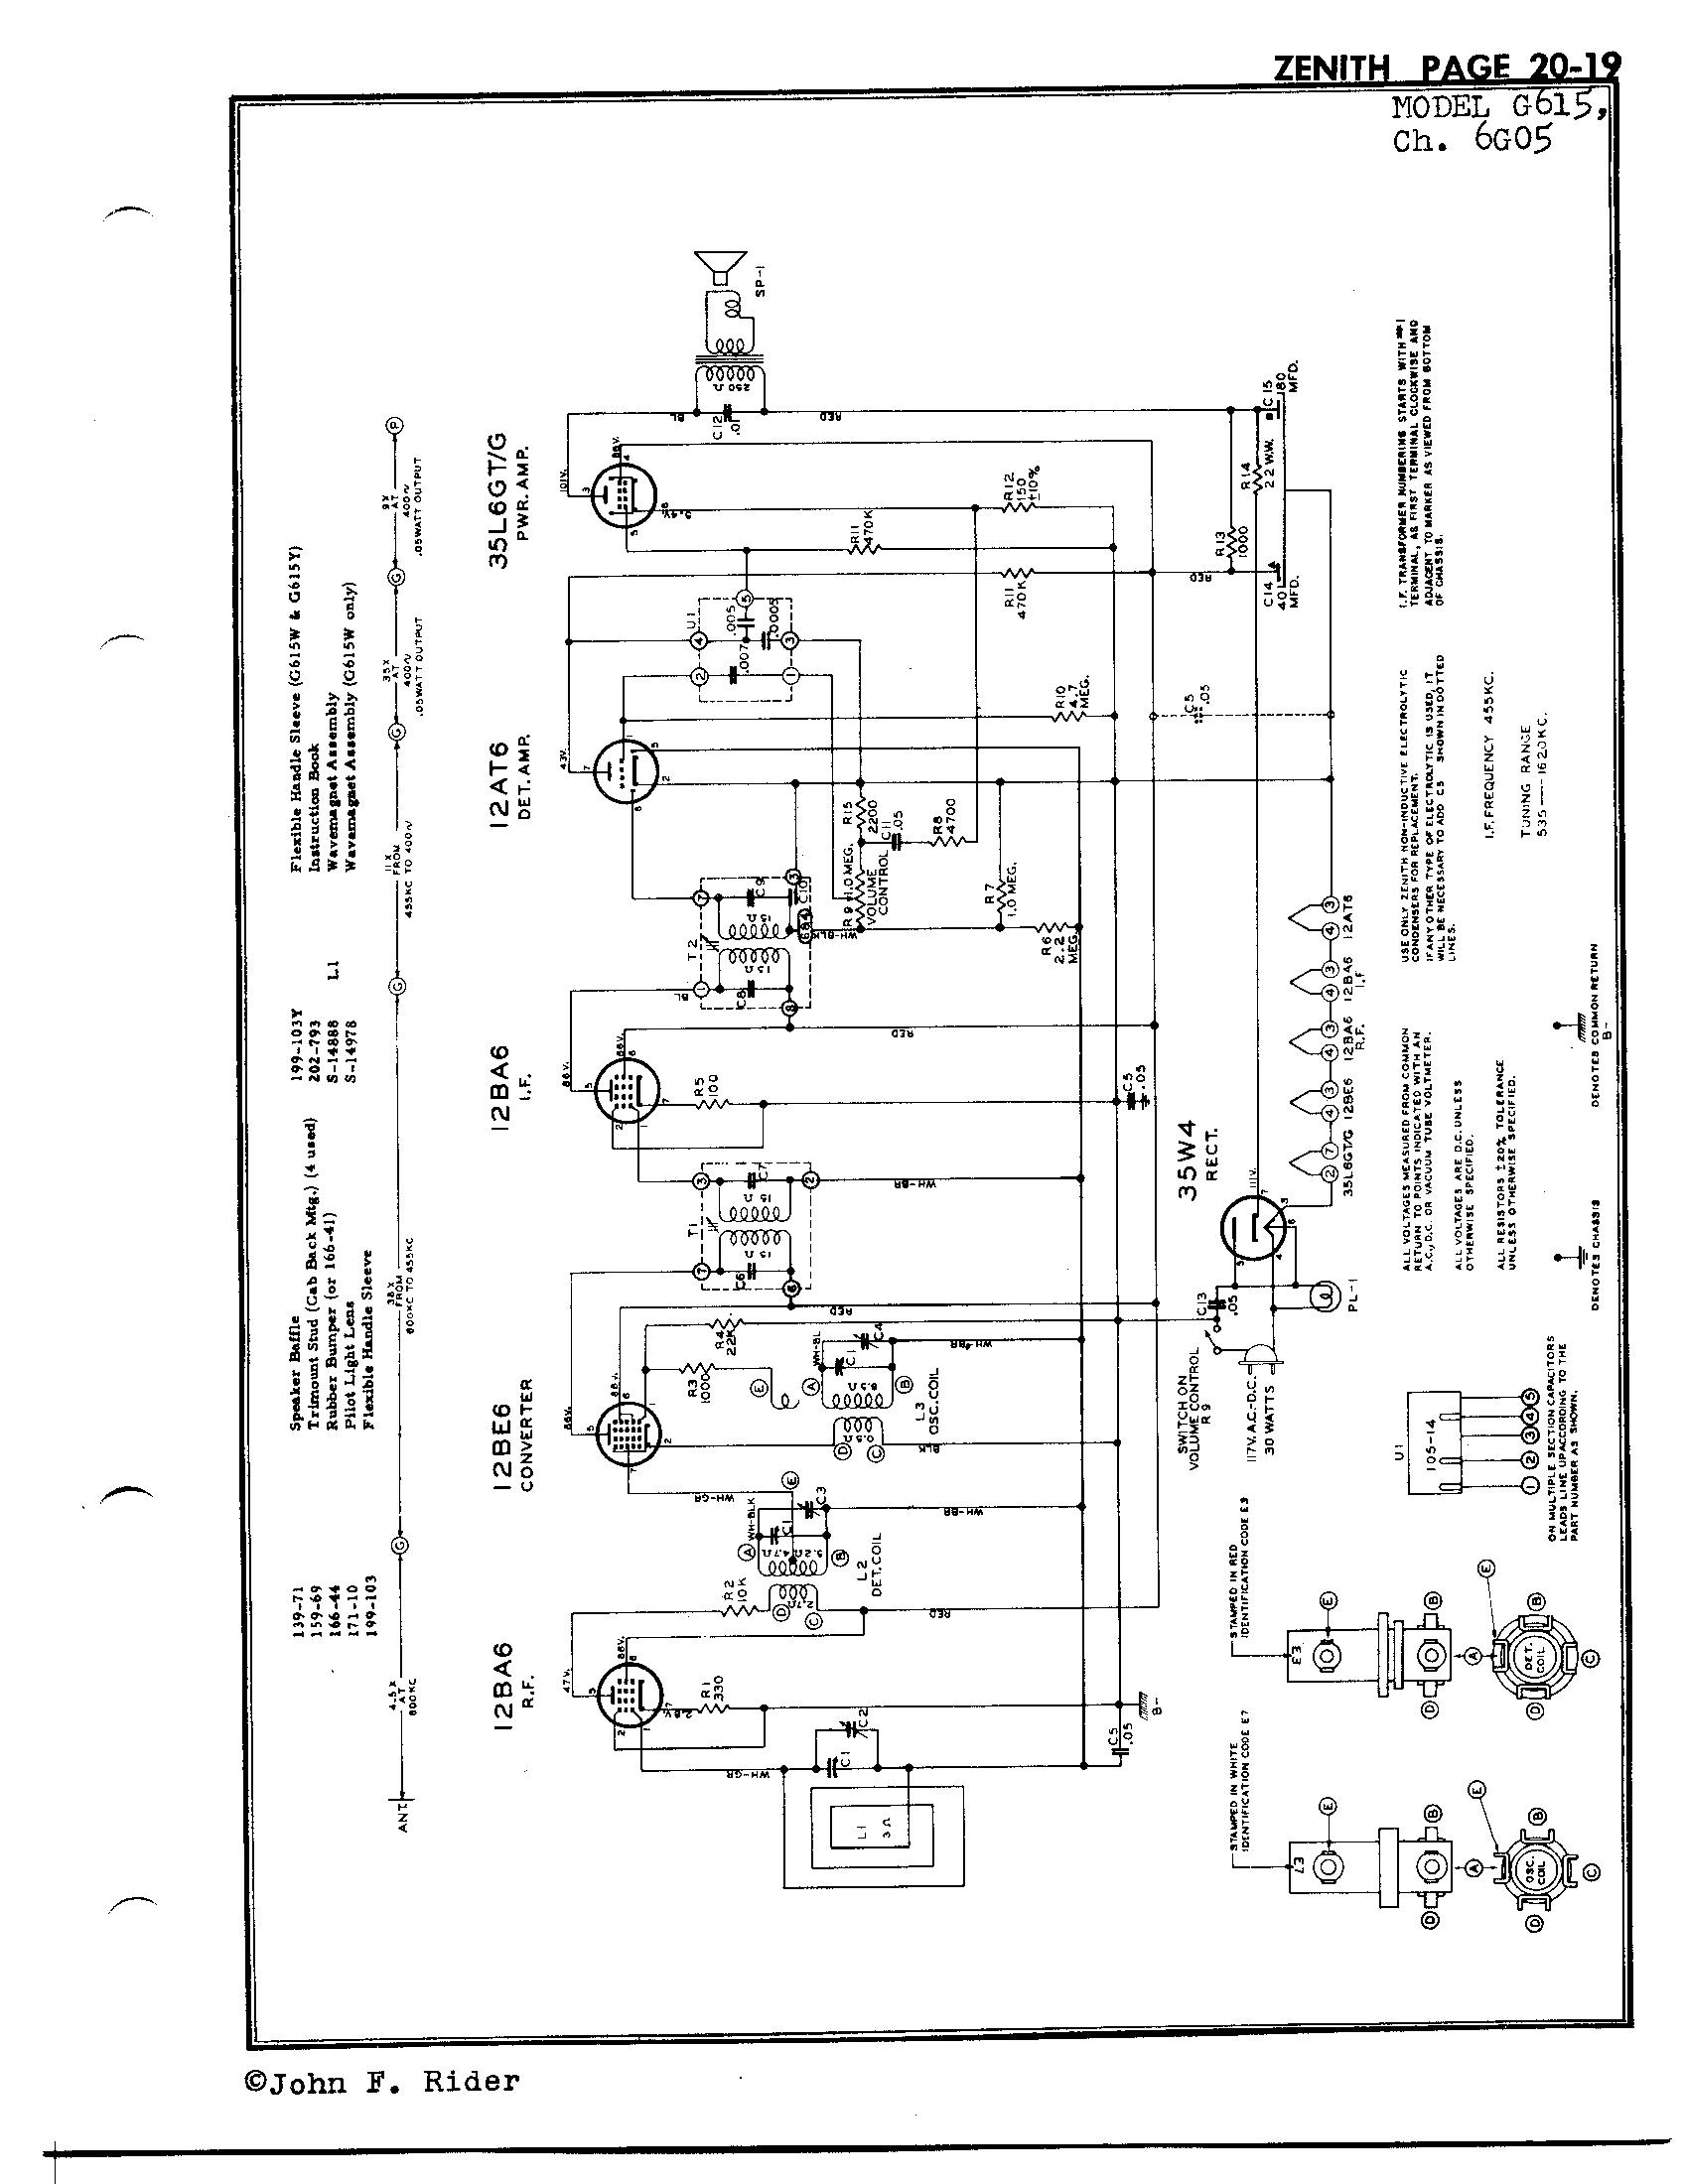 Zenith Radio Corp G615